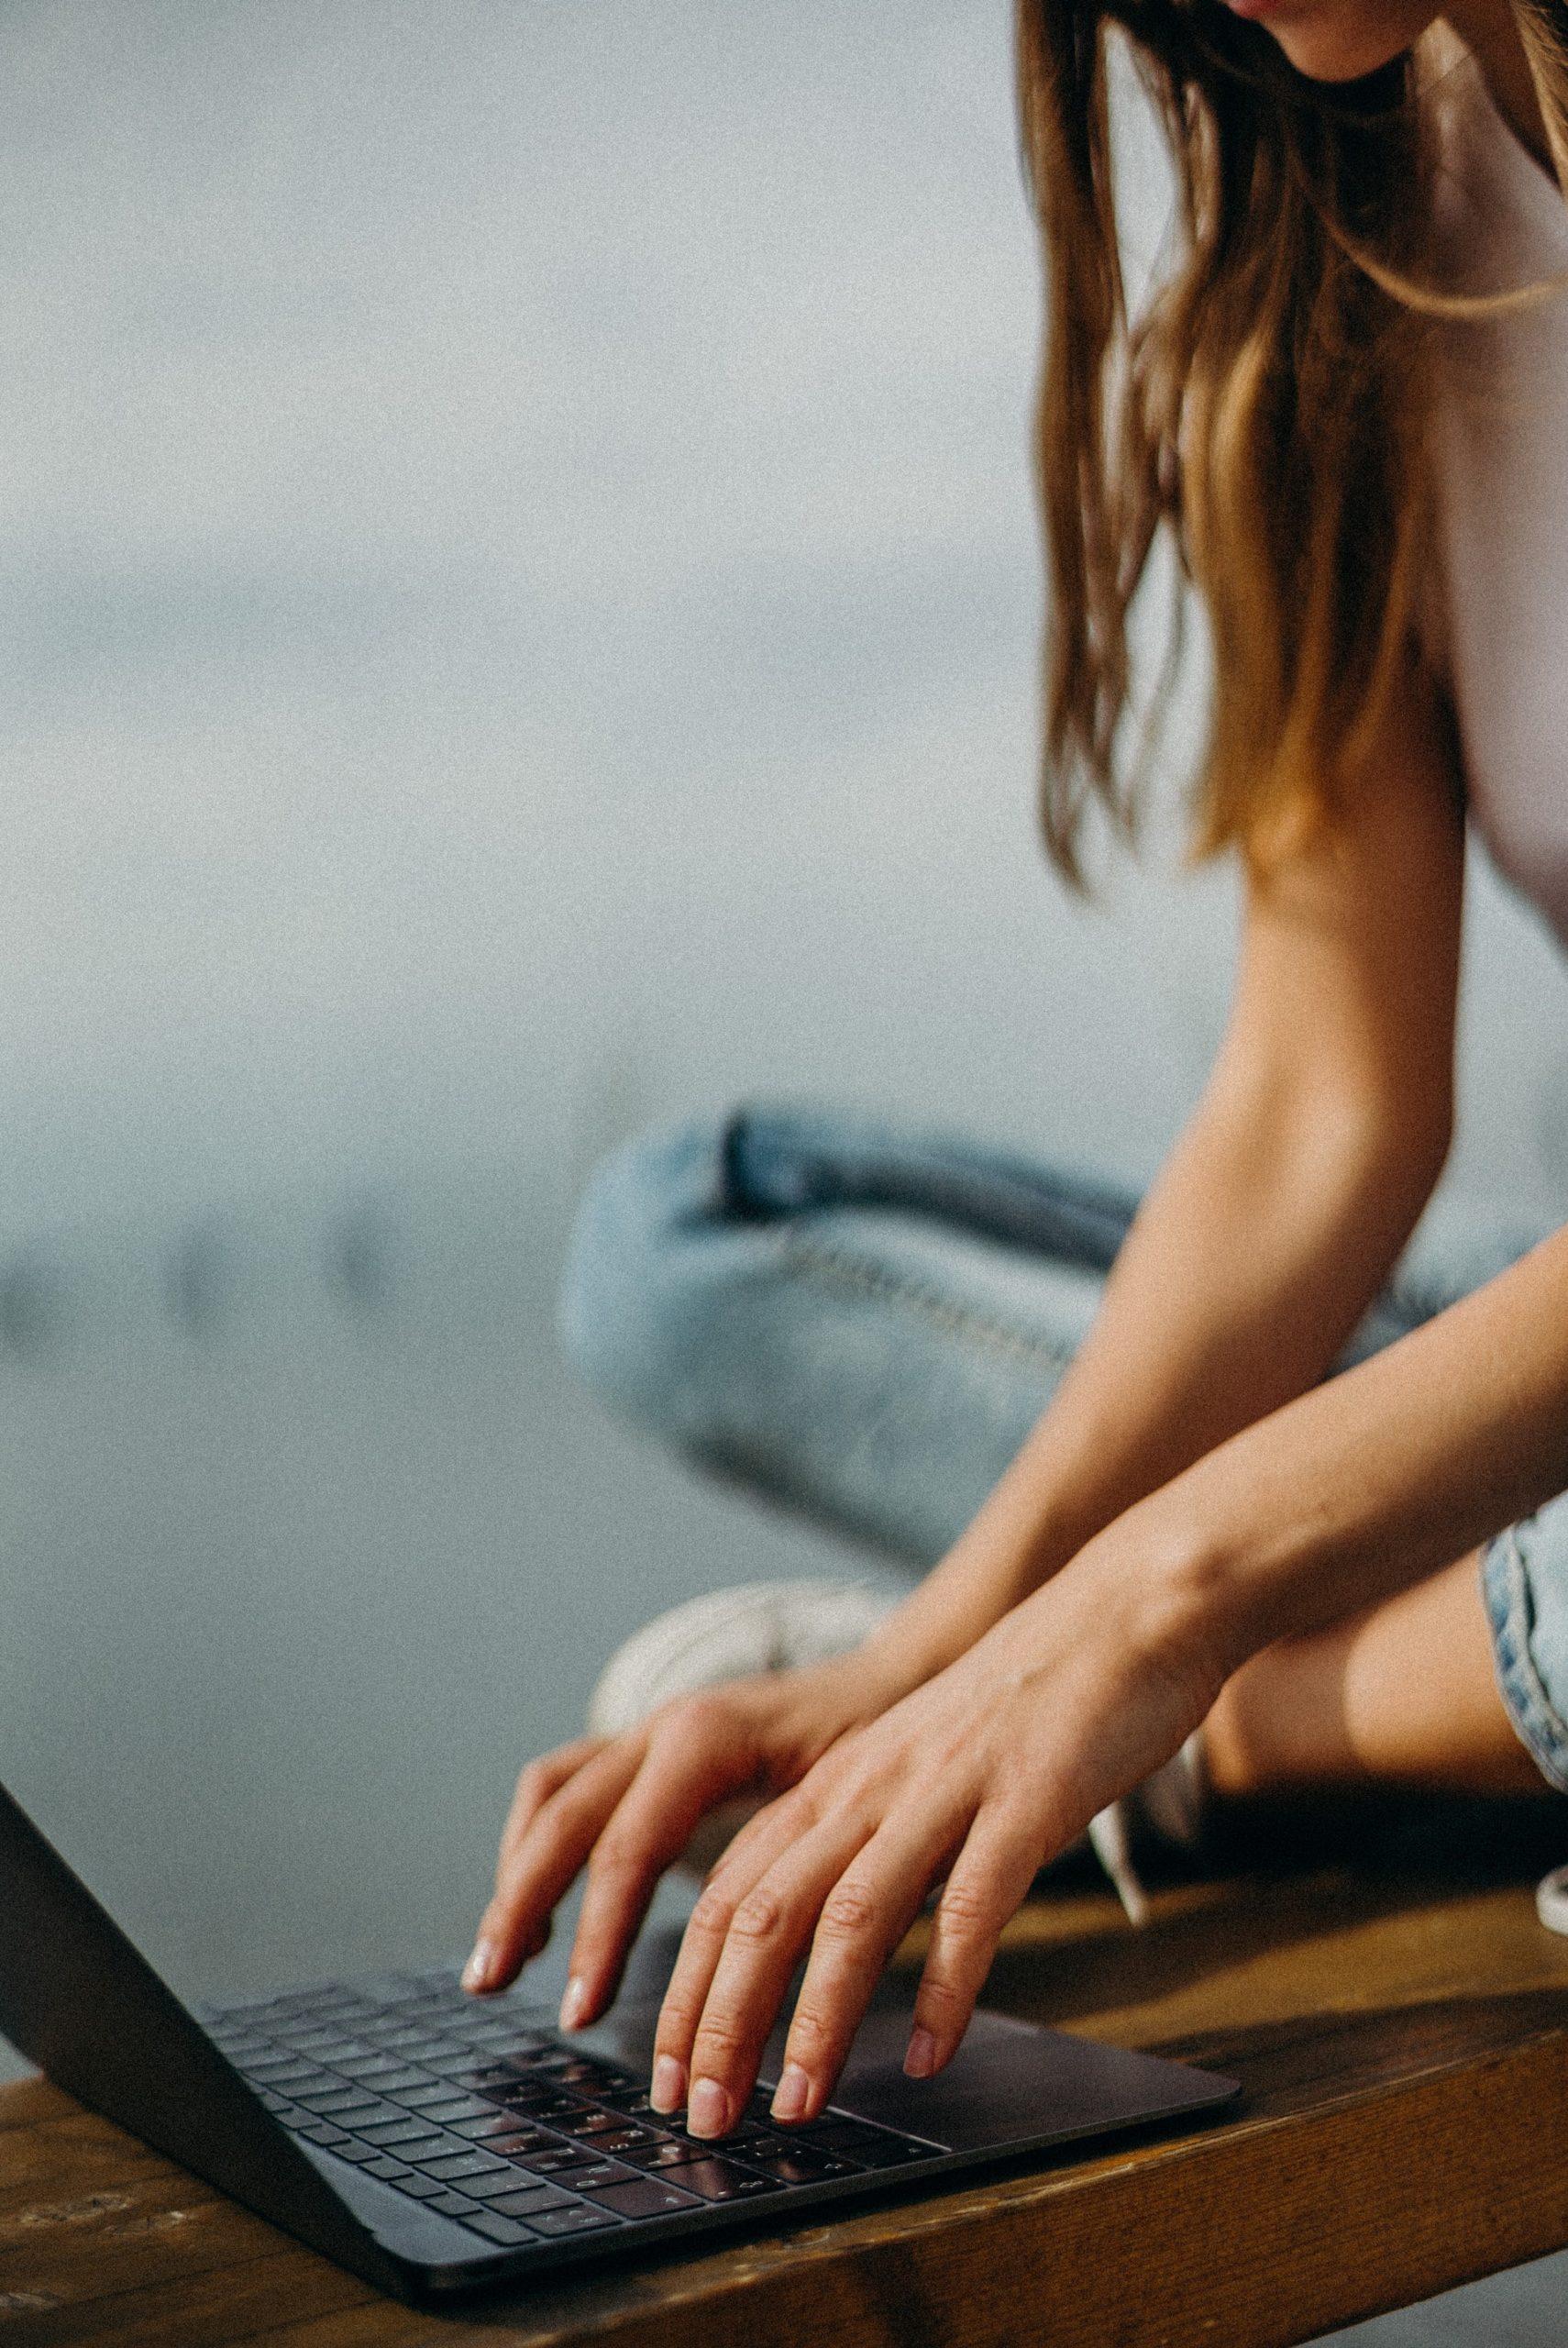 kvinna sitter med laptop och jobbar